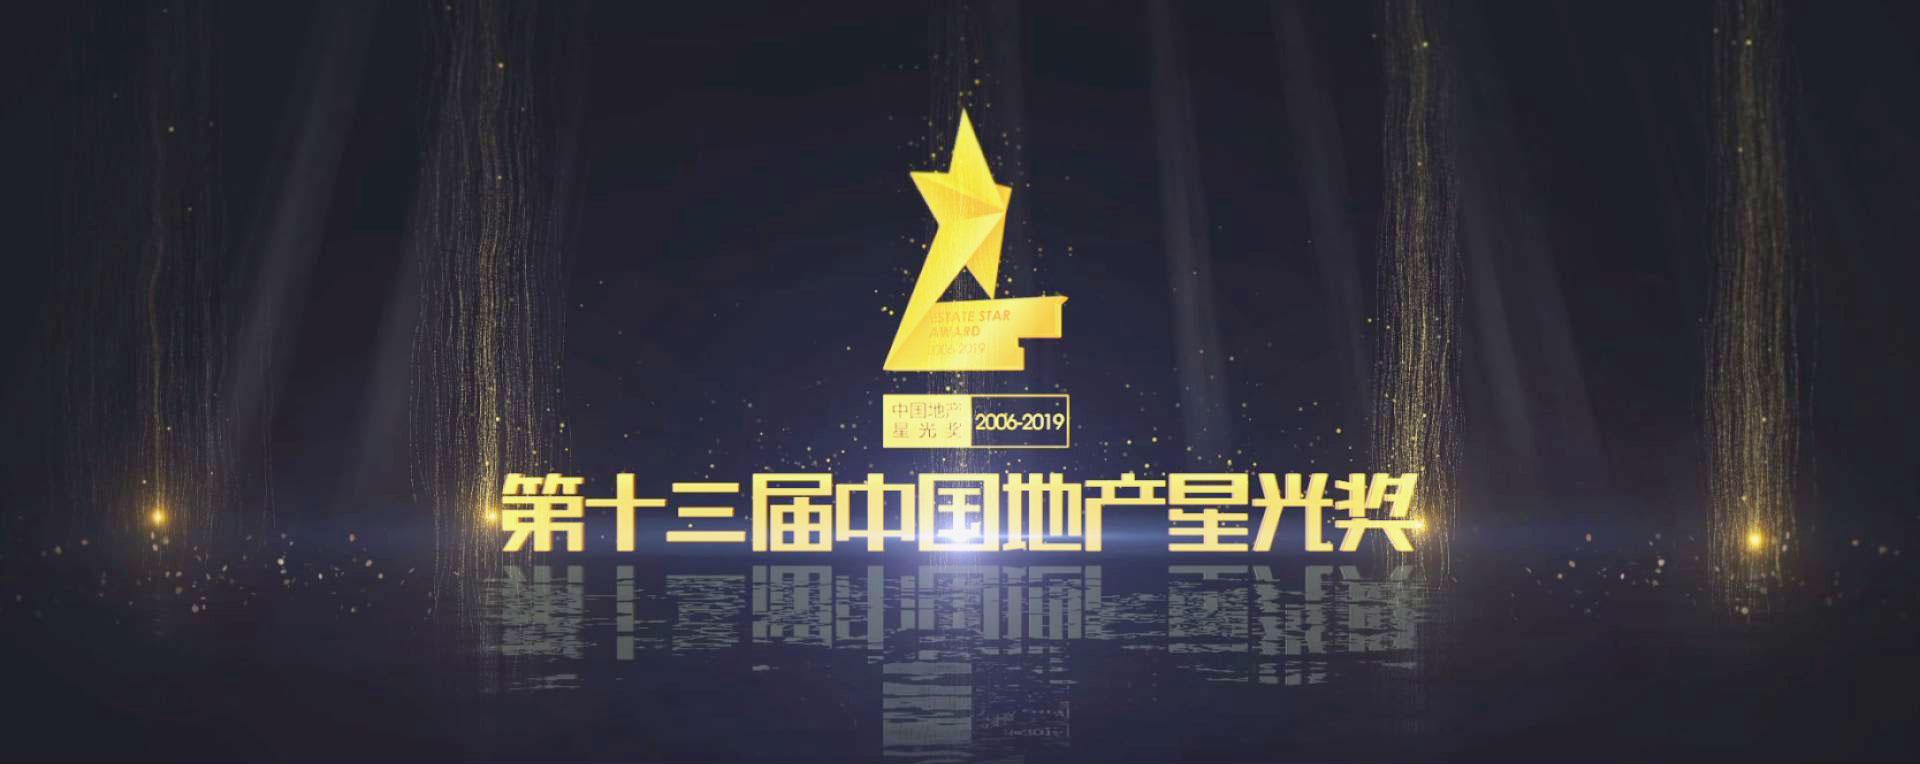 轰动!第十三届中国地产星光奖盛典华彩落幕!